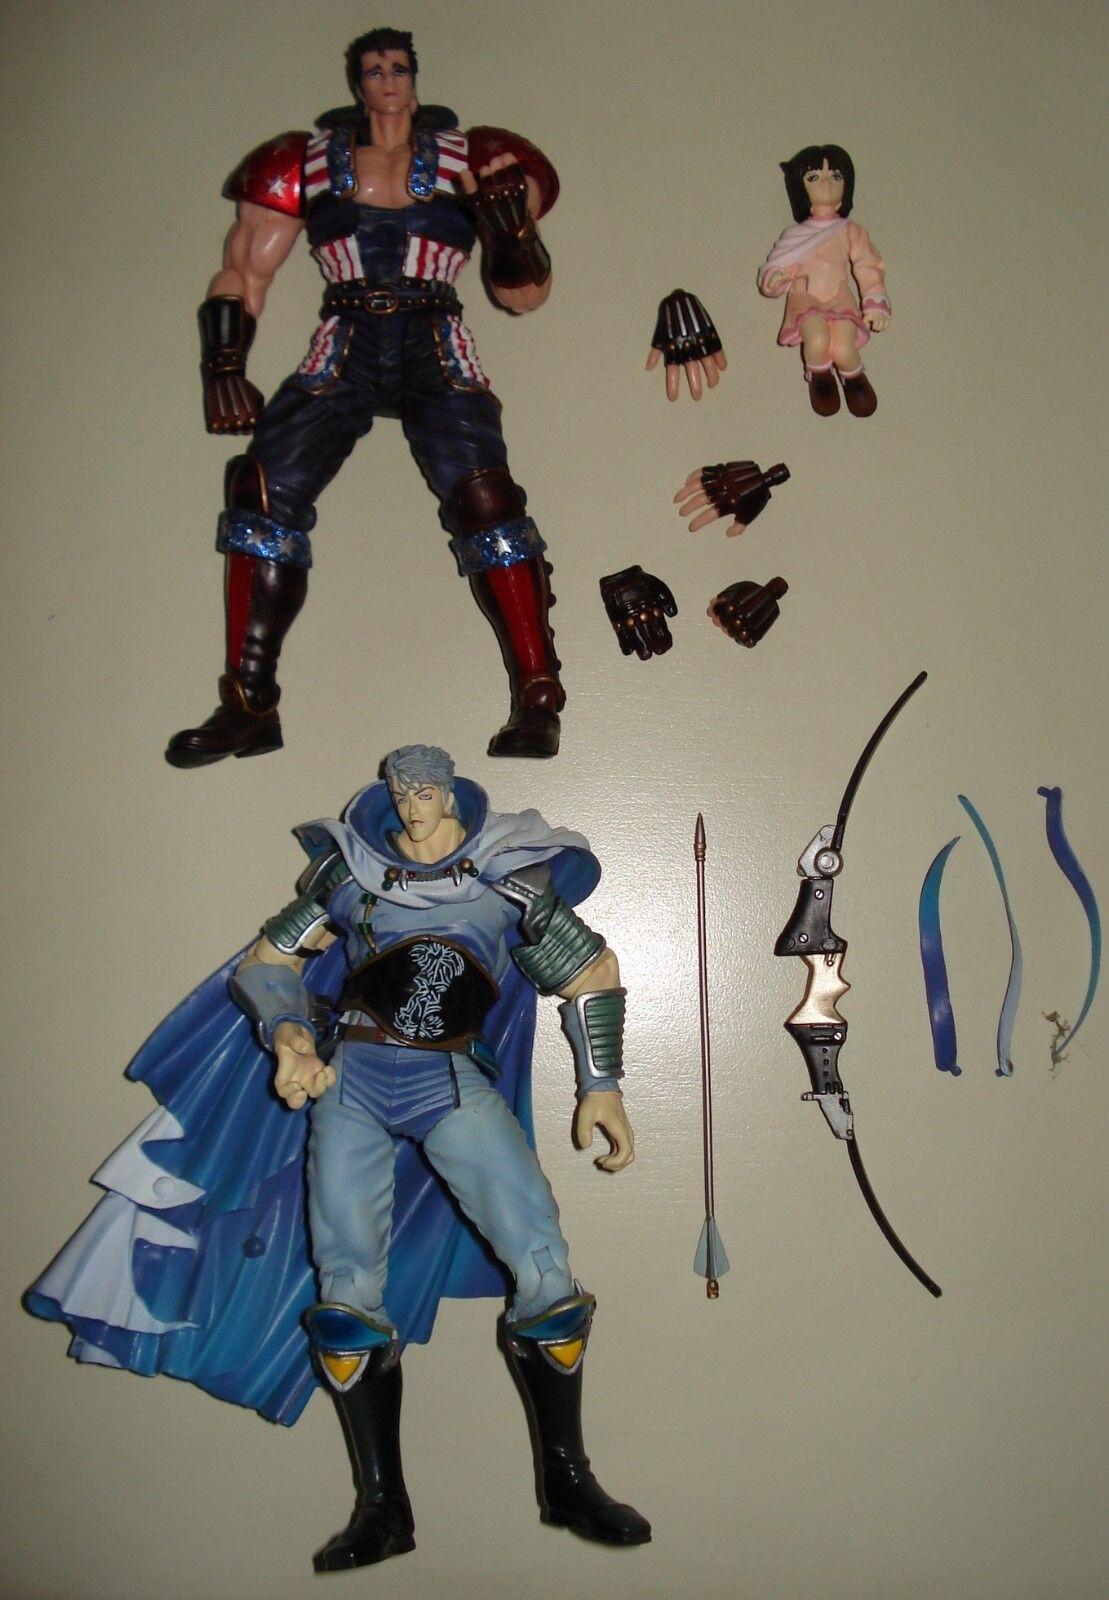 Hokuto no ken / Ken le survivant lot 4 figurines - Ruyga Ein Souther Shin